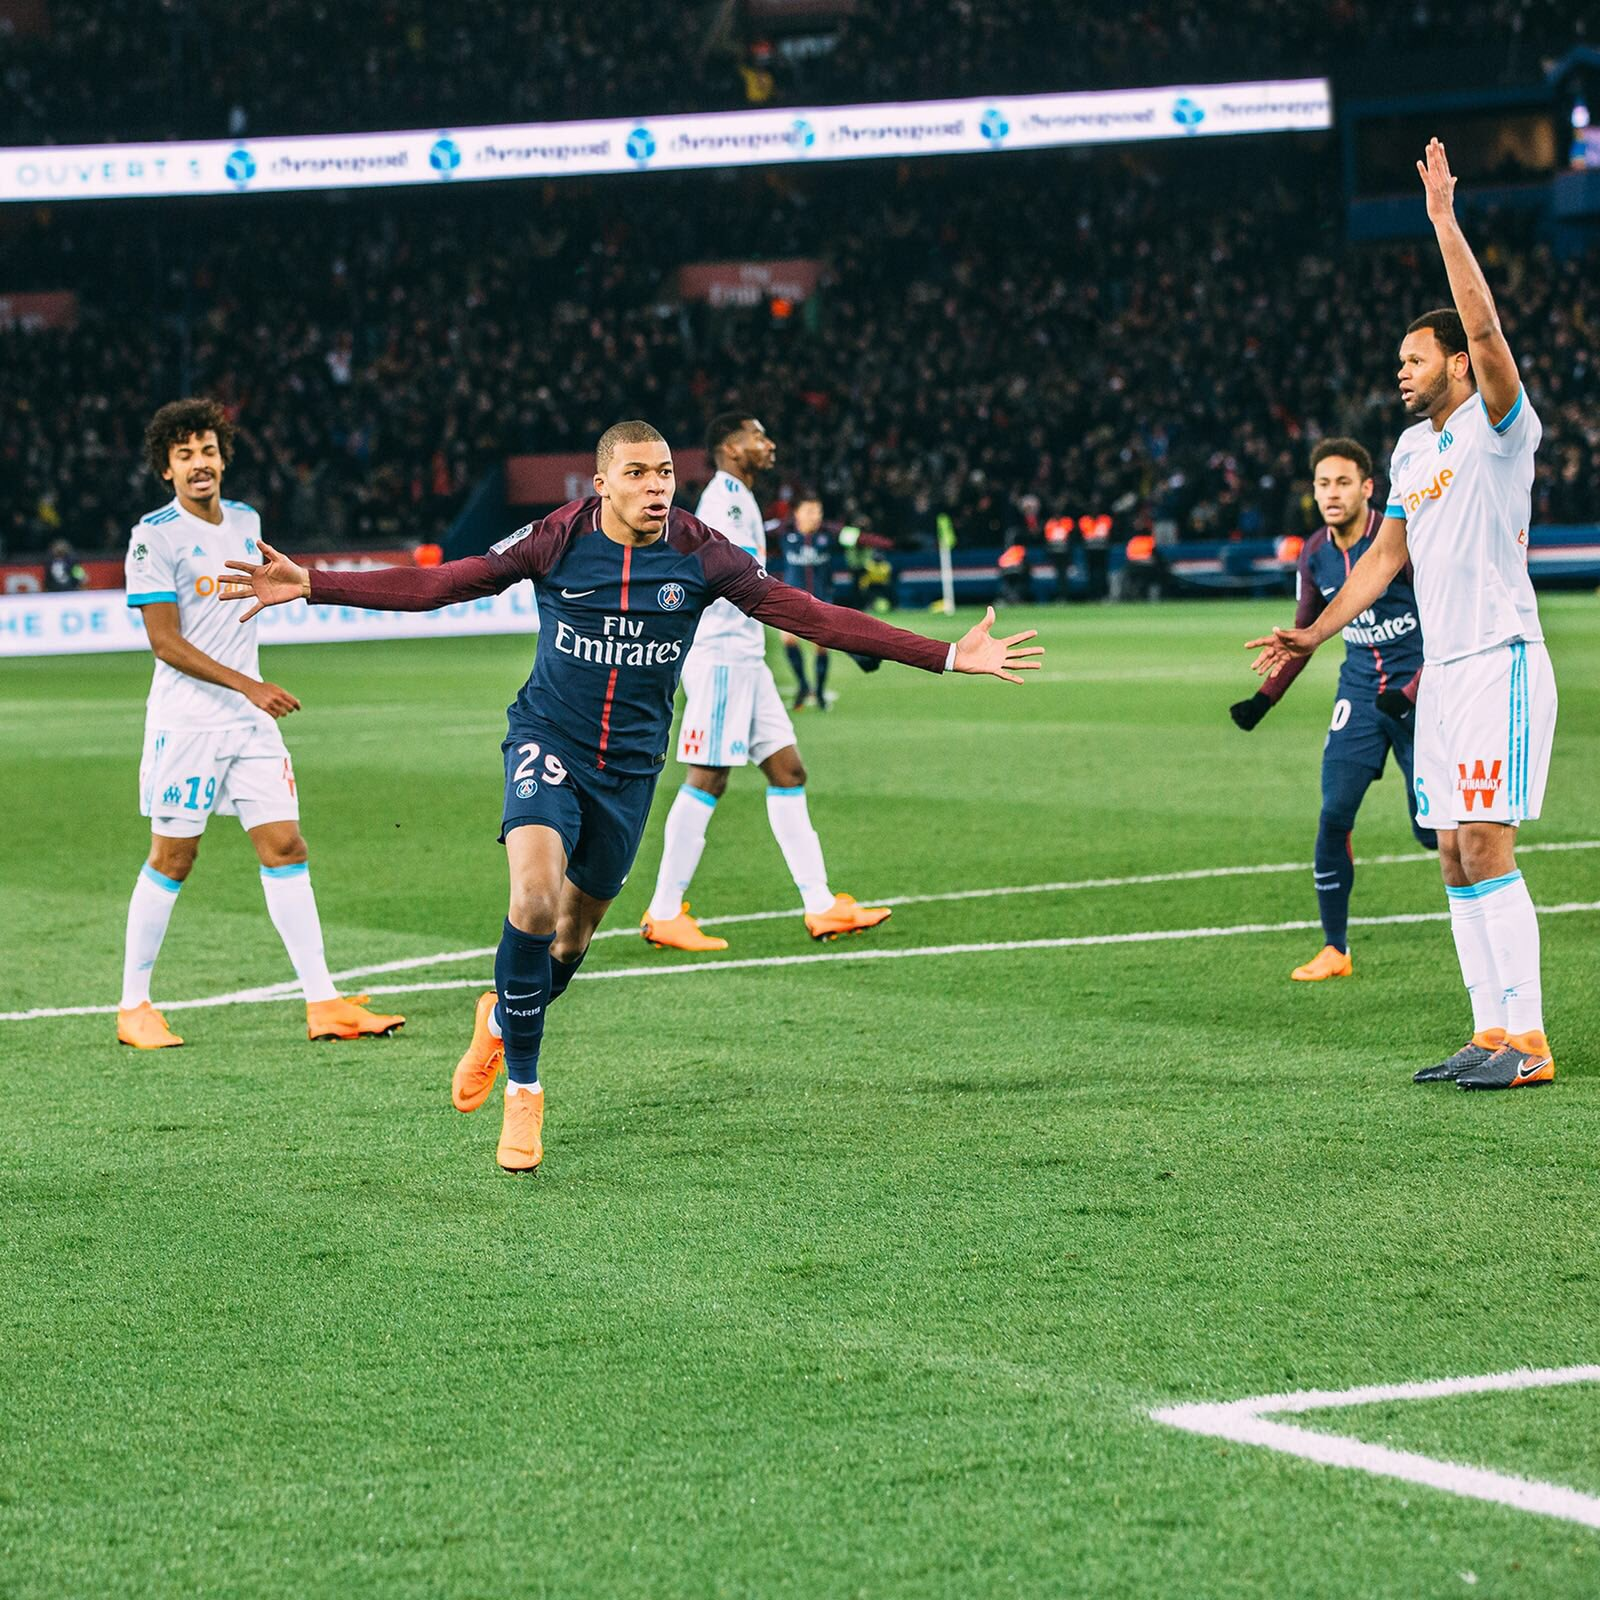 Les images du PSG ce dimanche : Classico remporté et célébré !